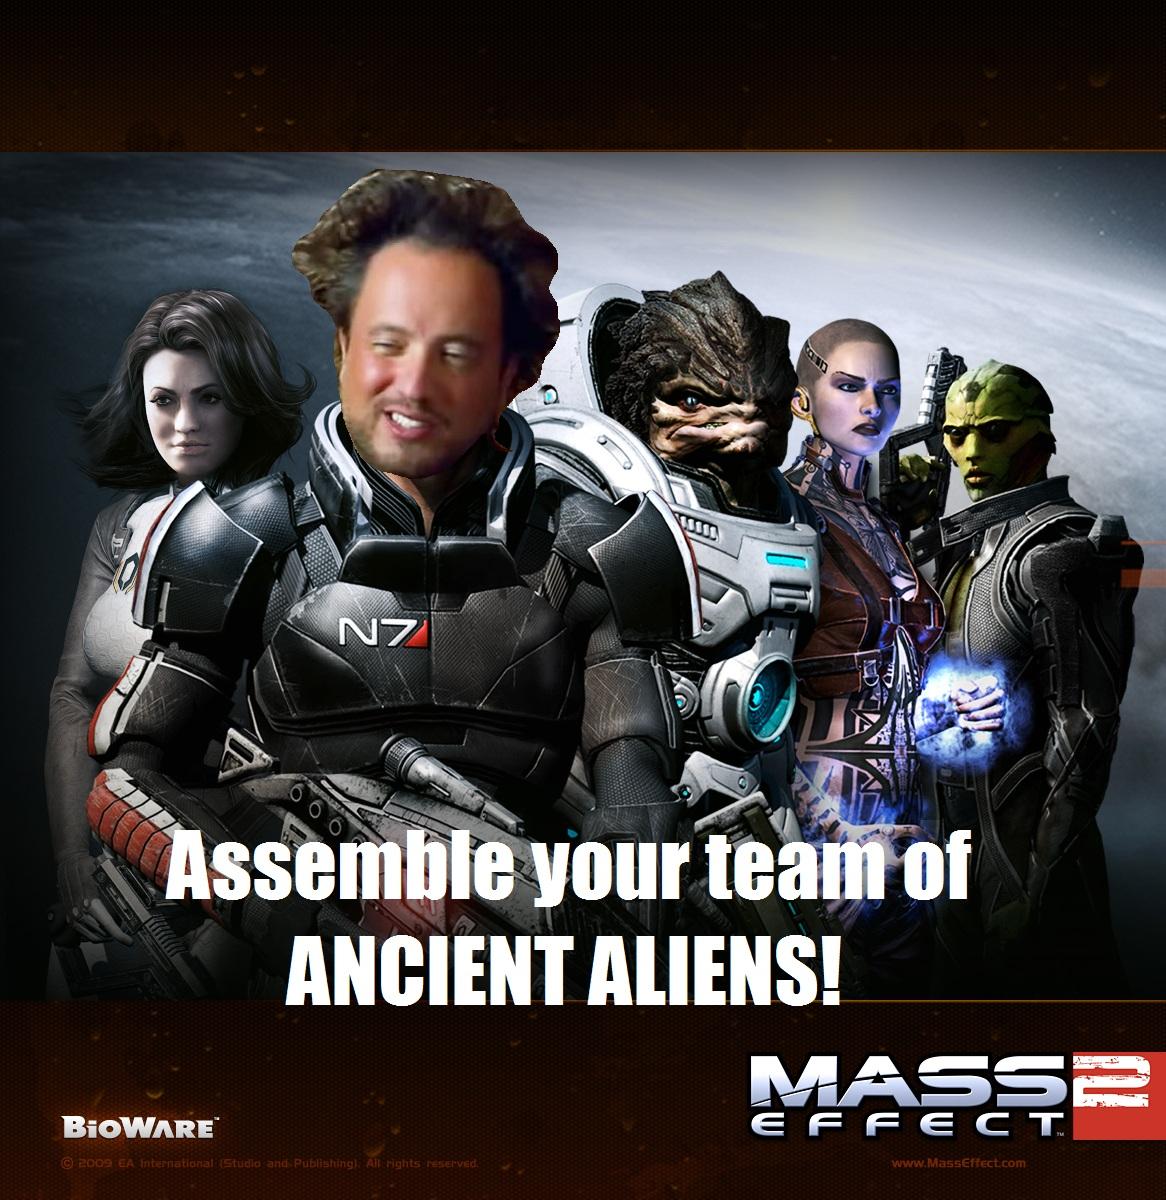 AncientEffect image 213259] ancient aliens know your meme